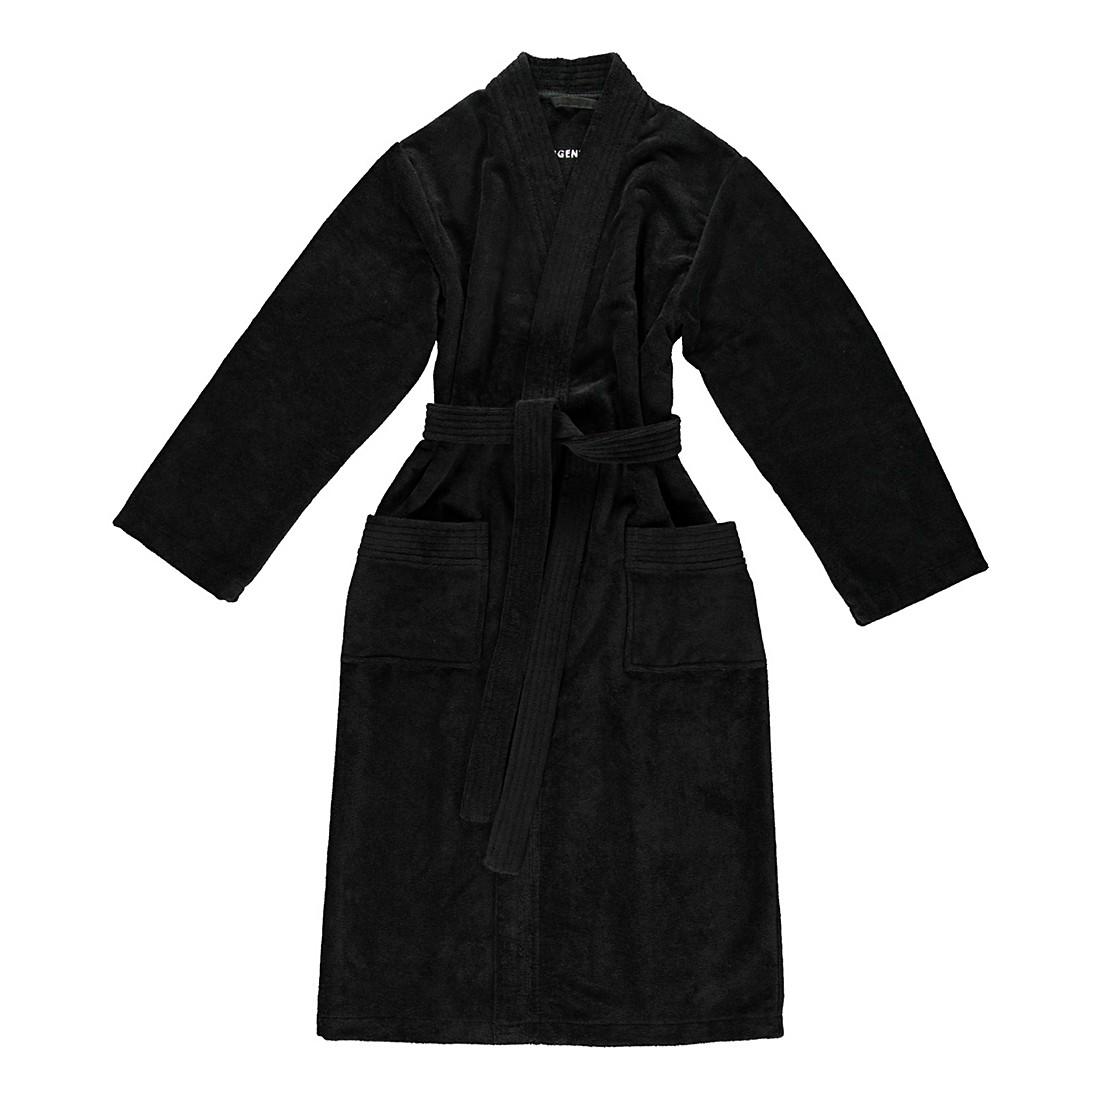 Bademantel Adam – Herren – Multifaser – 40% Polyester – 30% Baumwolle – 30% Viskose Schwarz – Größe: M, Morgenstern bestellen